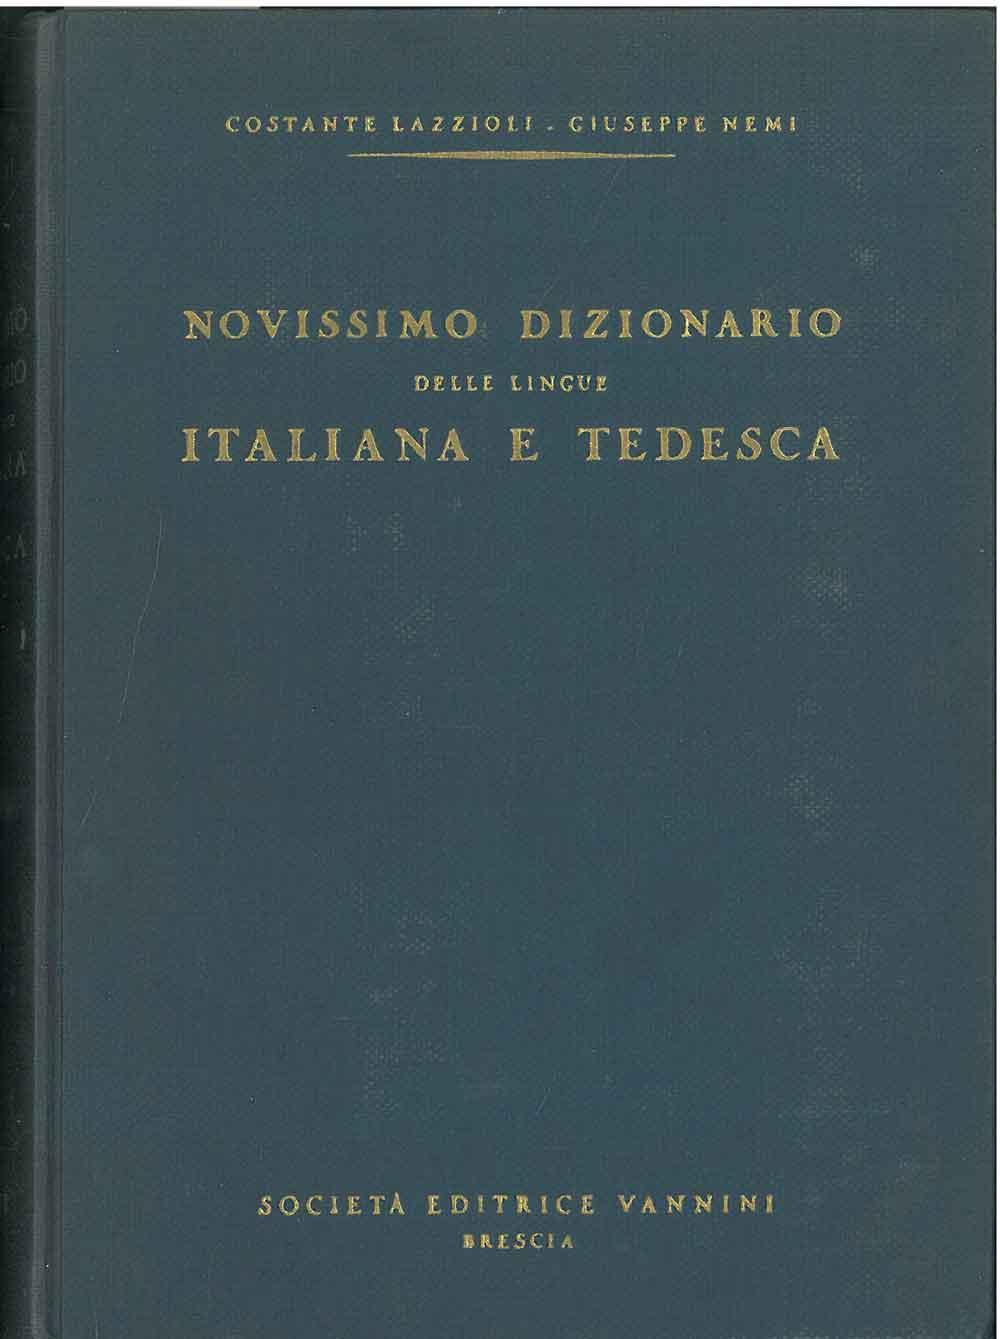 Nuovissimo dizionario delle lingue italiana e tedesca: Lazzioli Costante, Nemi